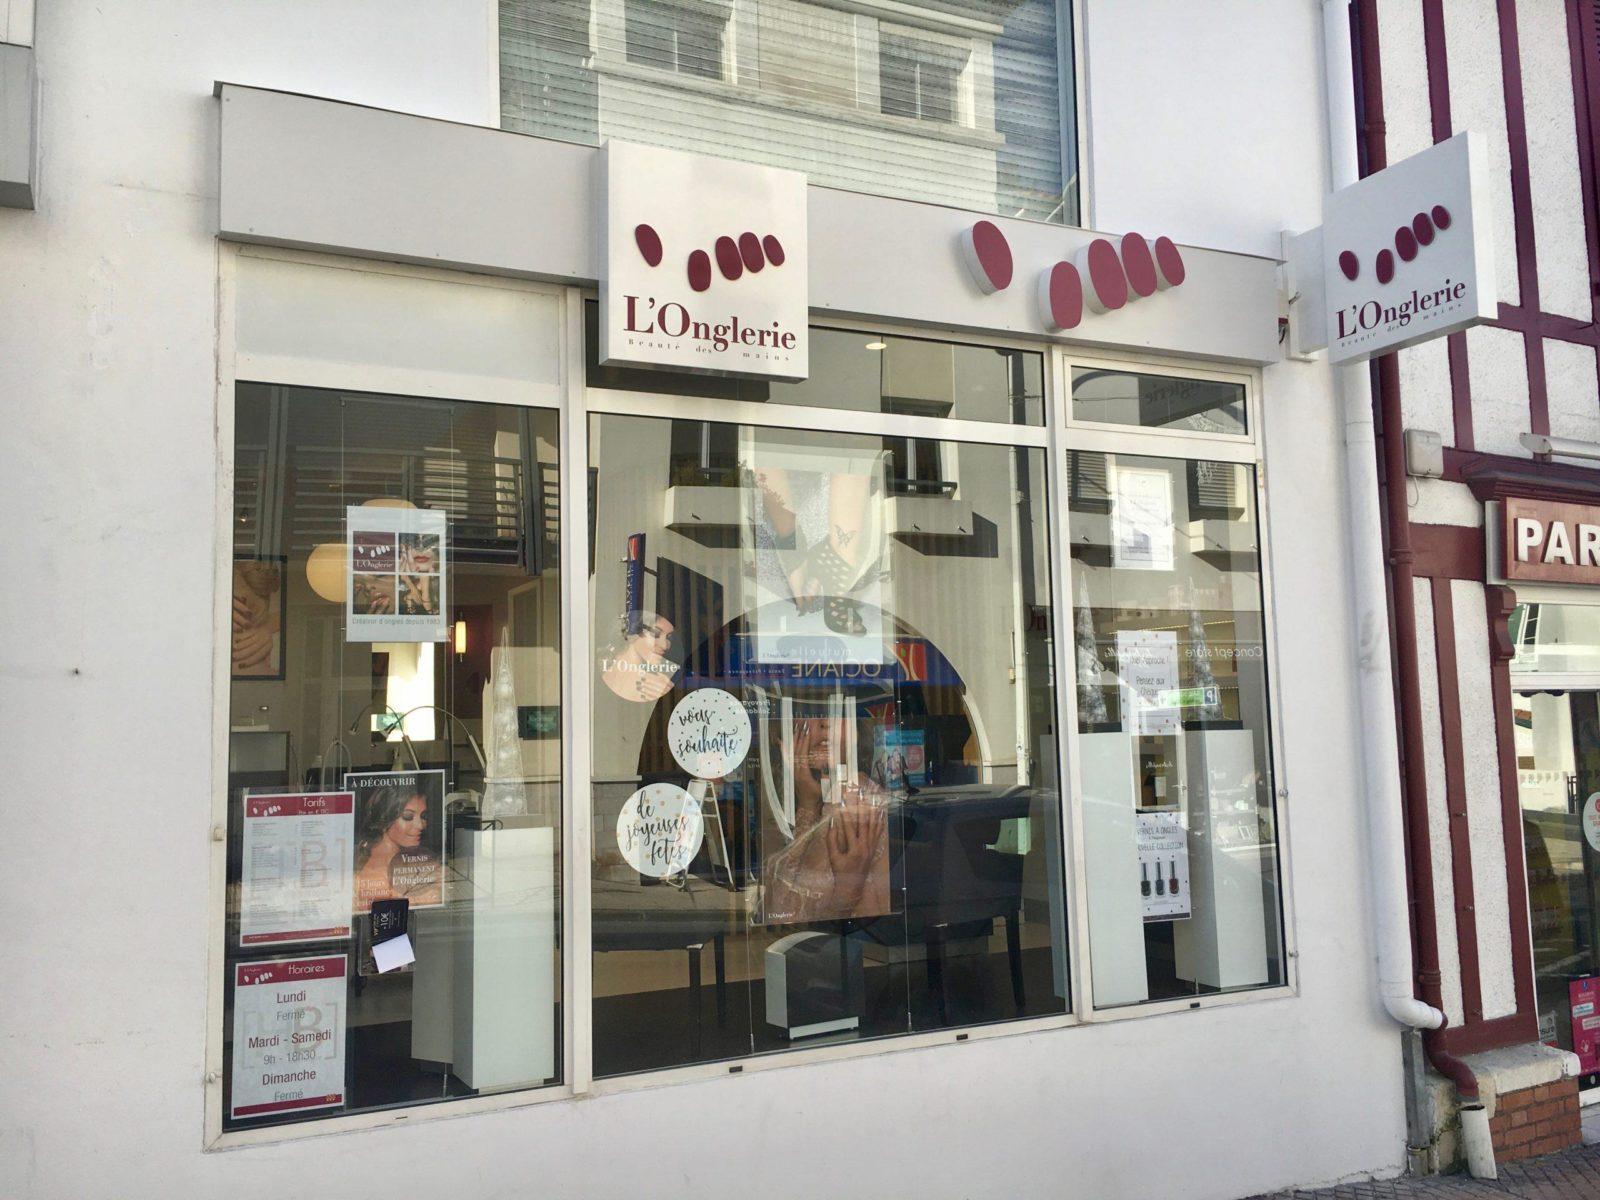 Institut L'Onglerie – Biarritz